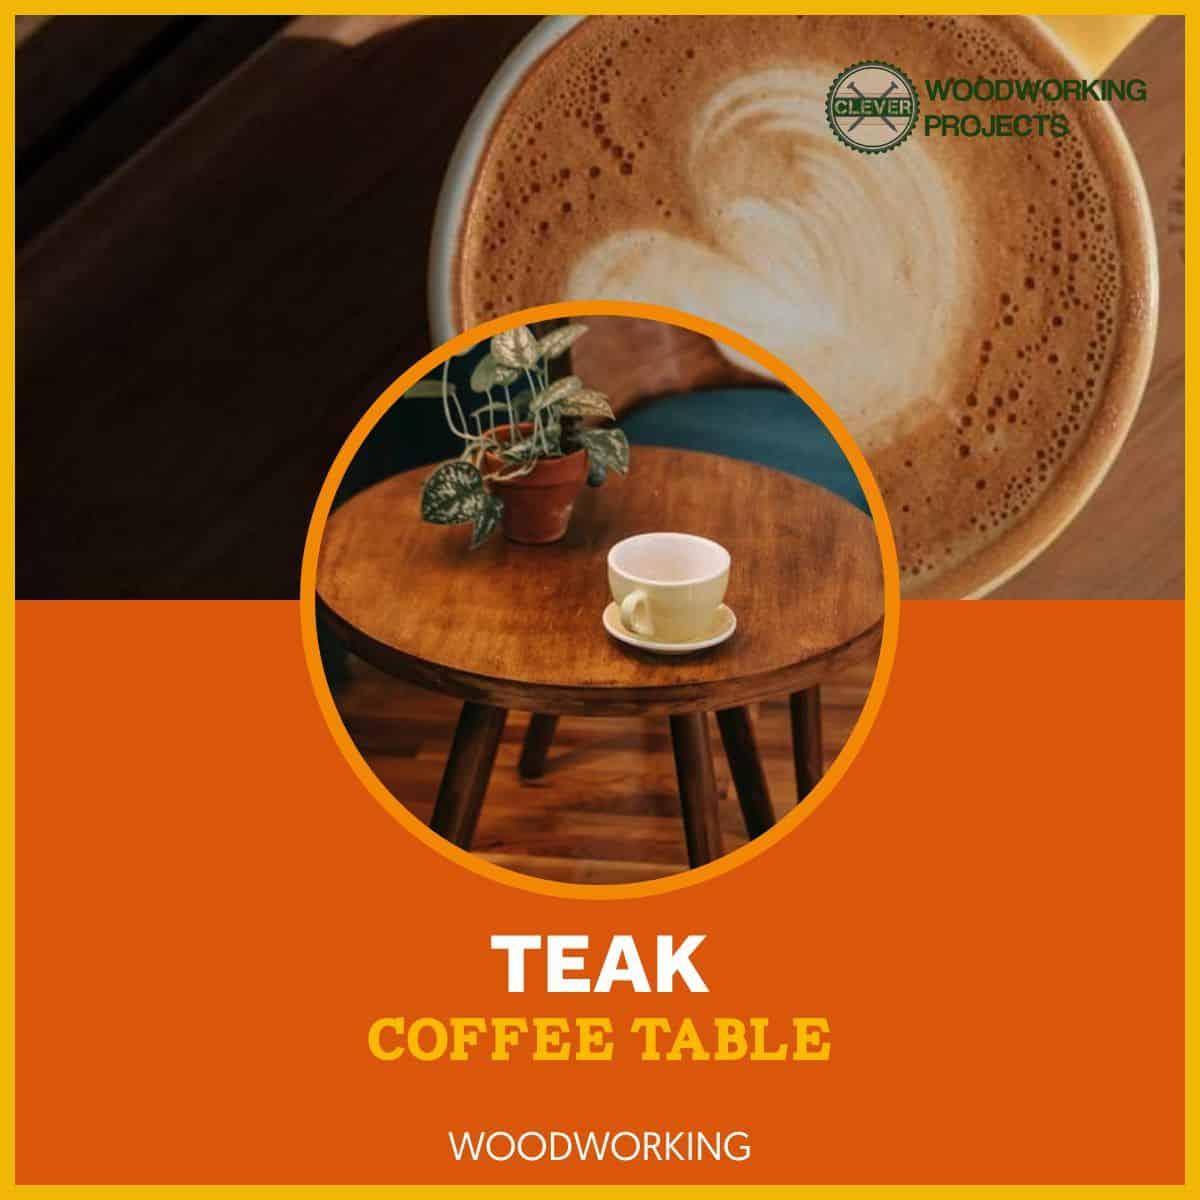 TeakCoffee TableProject